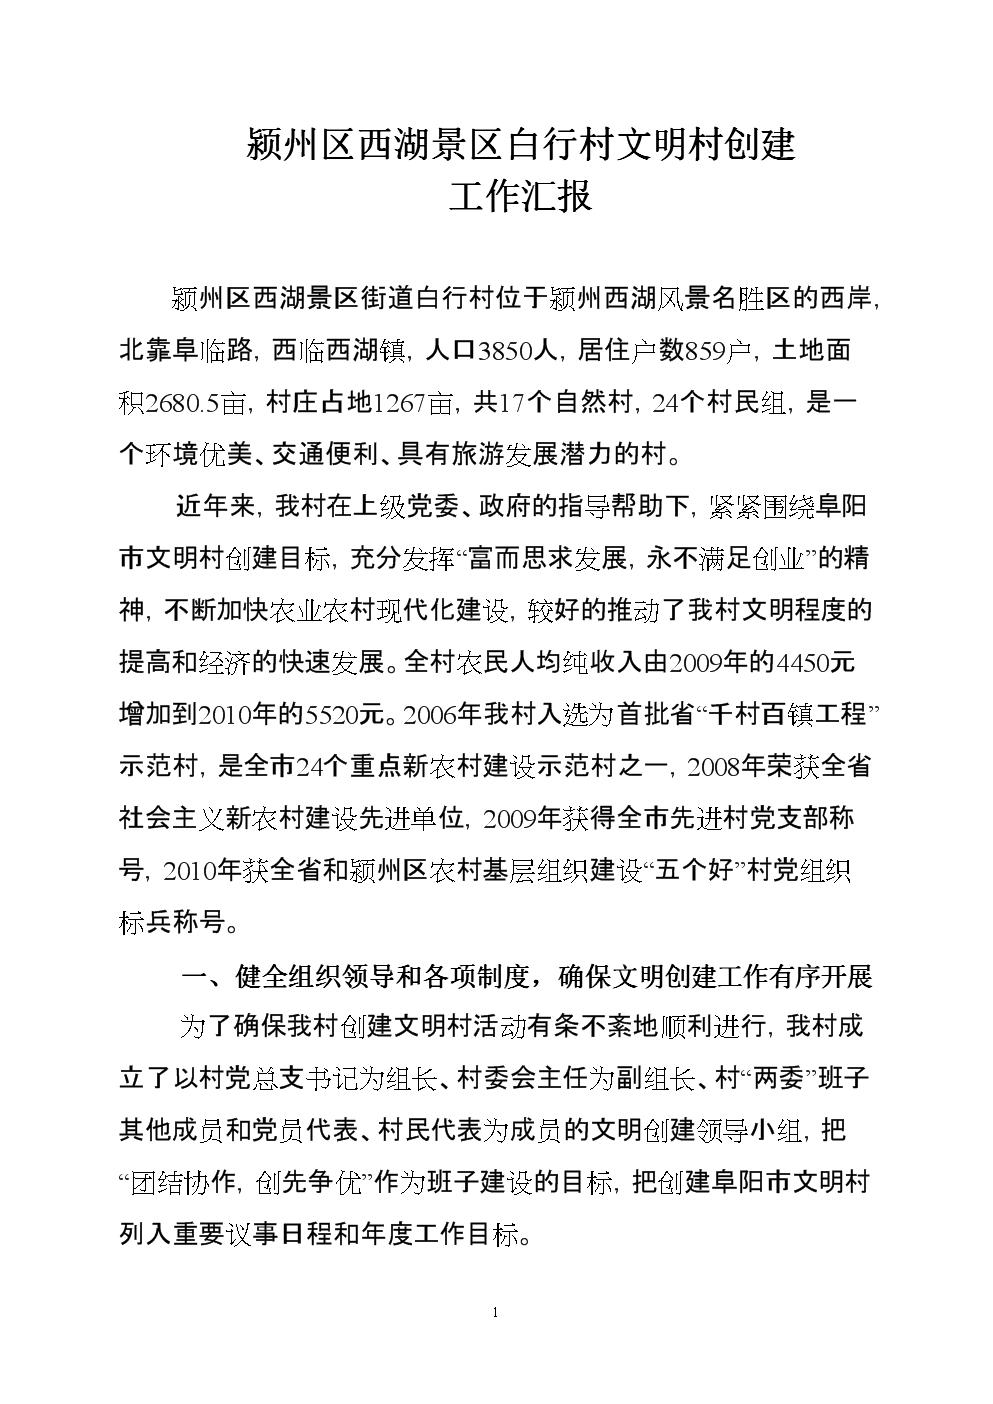 景区年度工作总结_文明村创建工作总结资料.doc